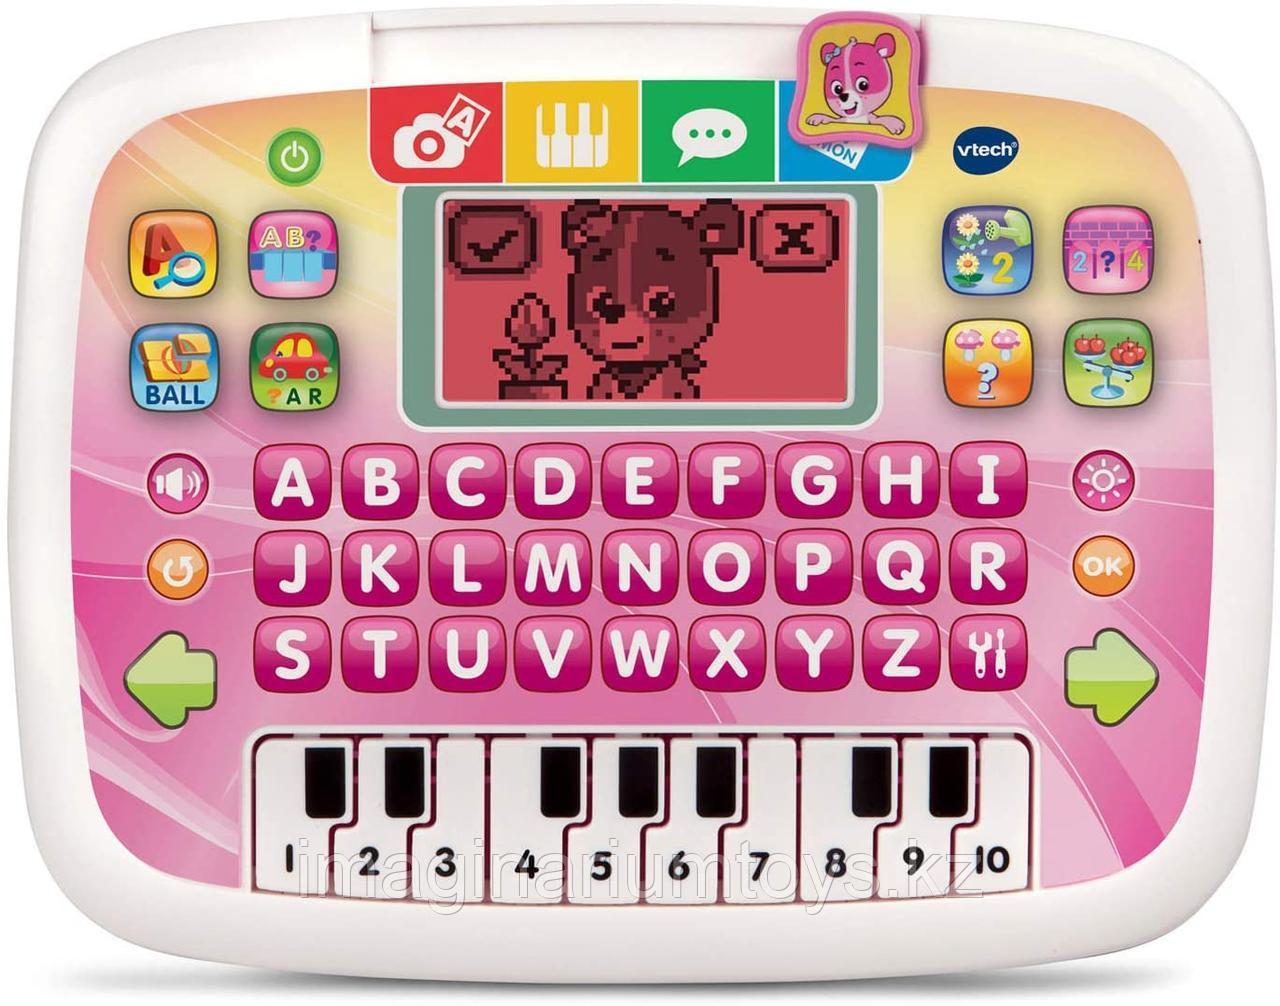 Обучающий игровой планшет VTech, розовый цвет